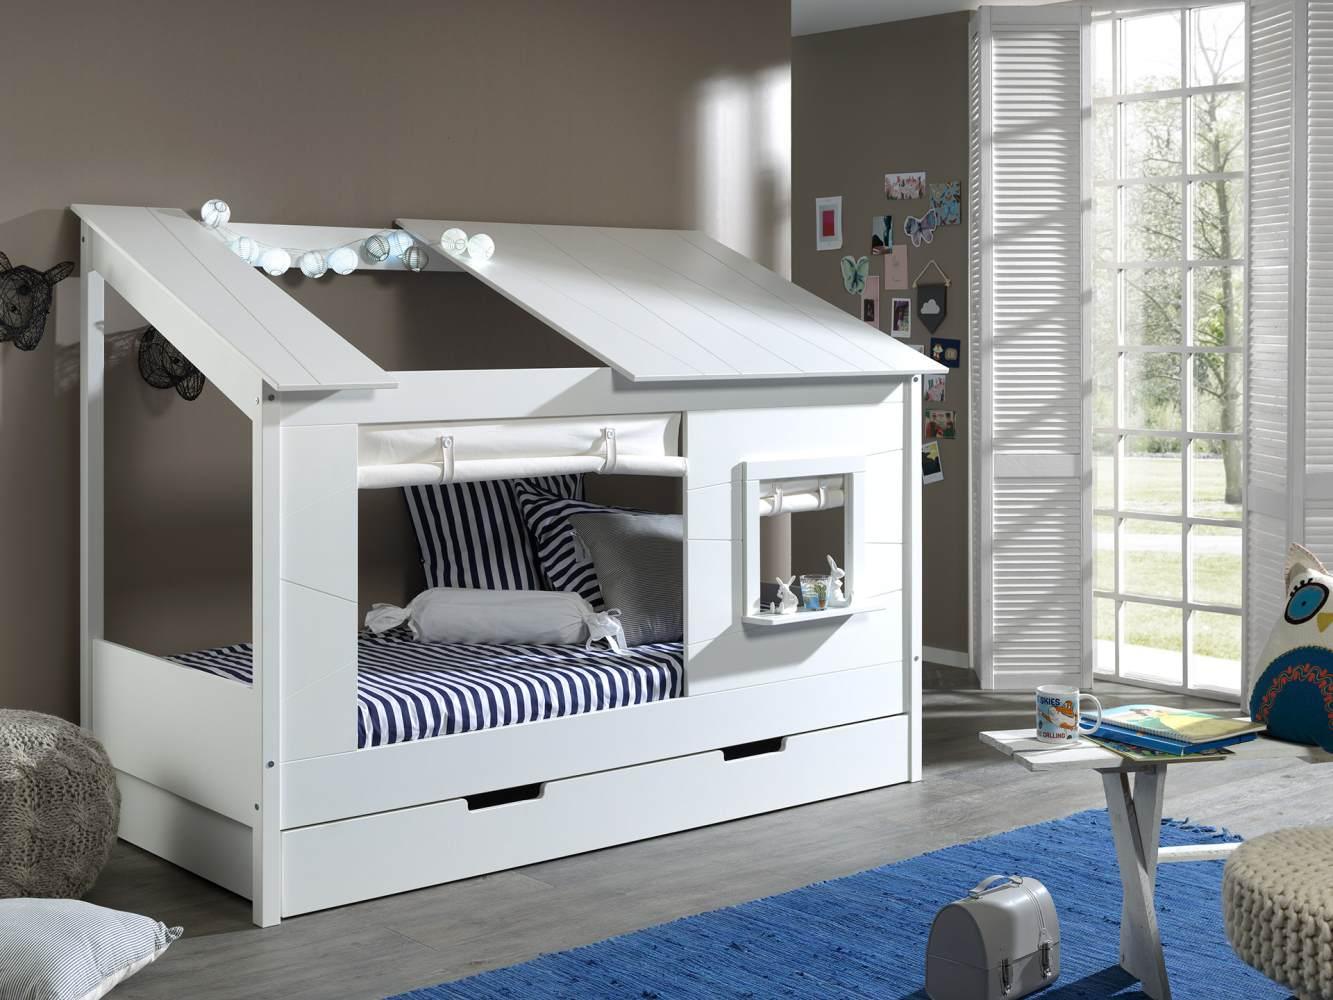 Vipack 'Baumhaus' Kinderbett 90 x 200 cm, Weiß, inkl. Vorhang Set und Bettschublade Bild 1